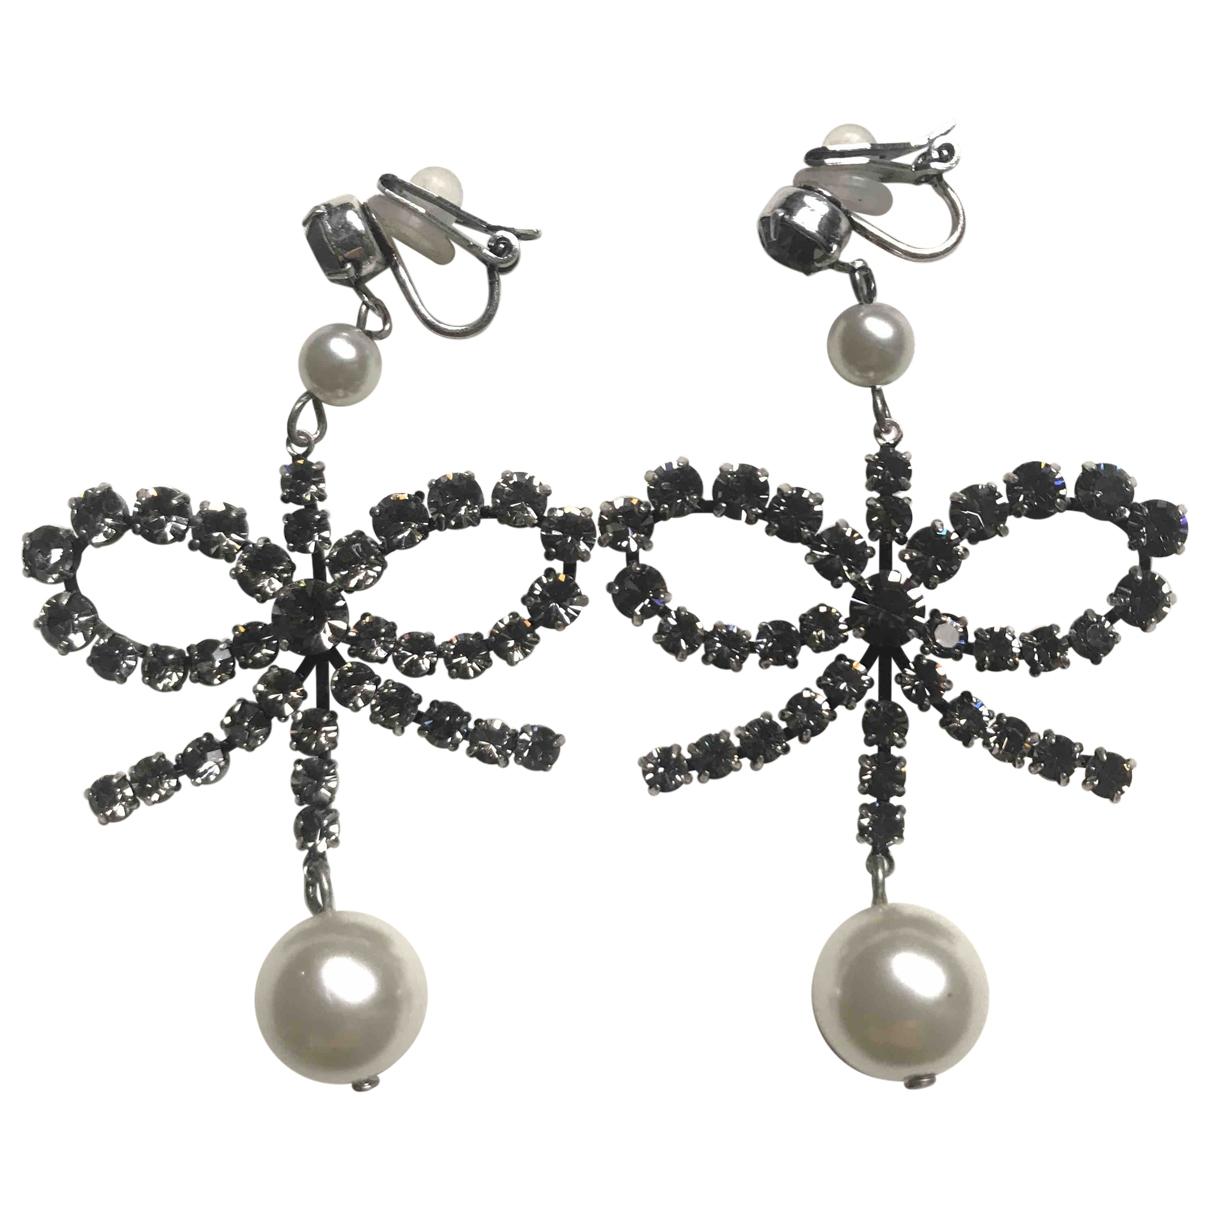 Erdem X H&m - Boucles doreilles   pour femme en perles - argente